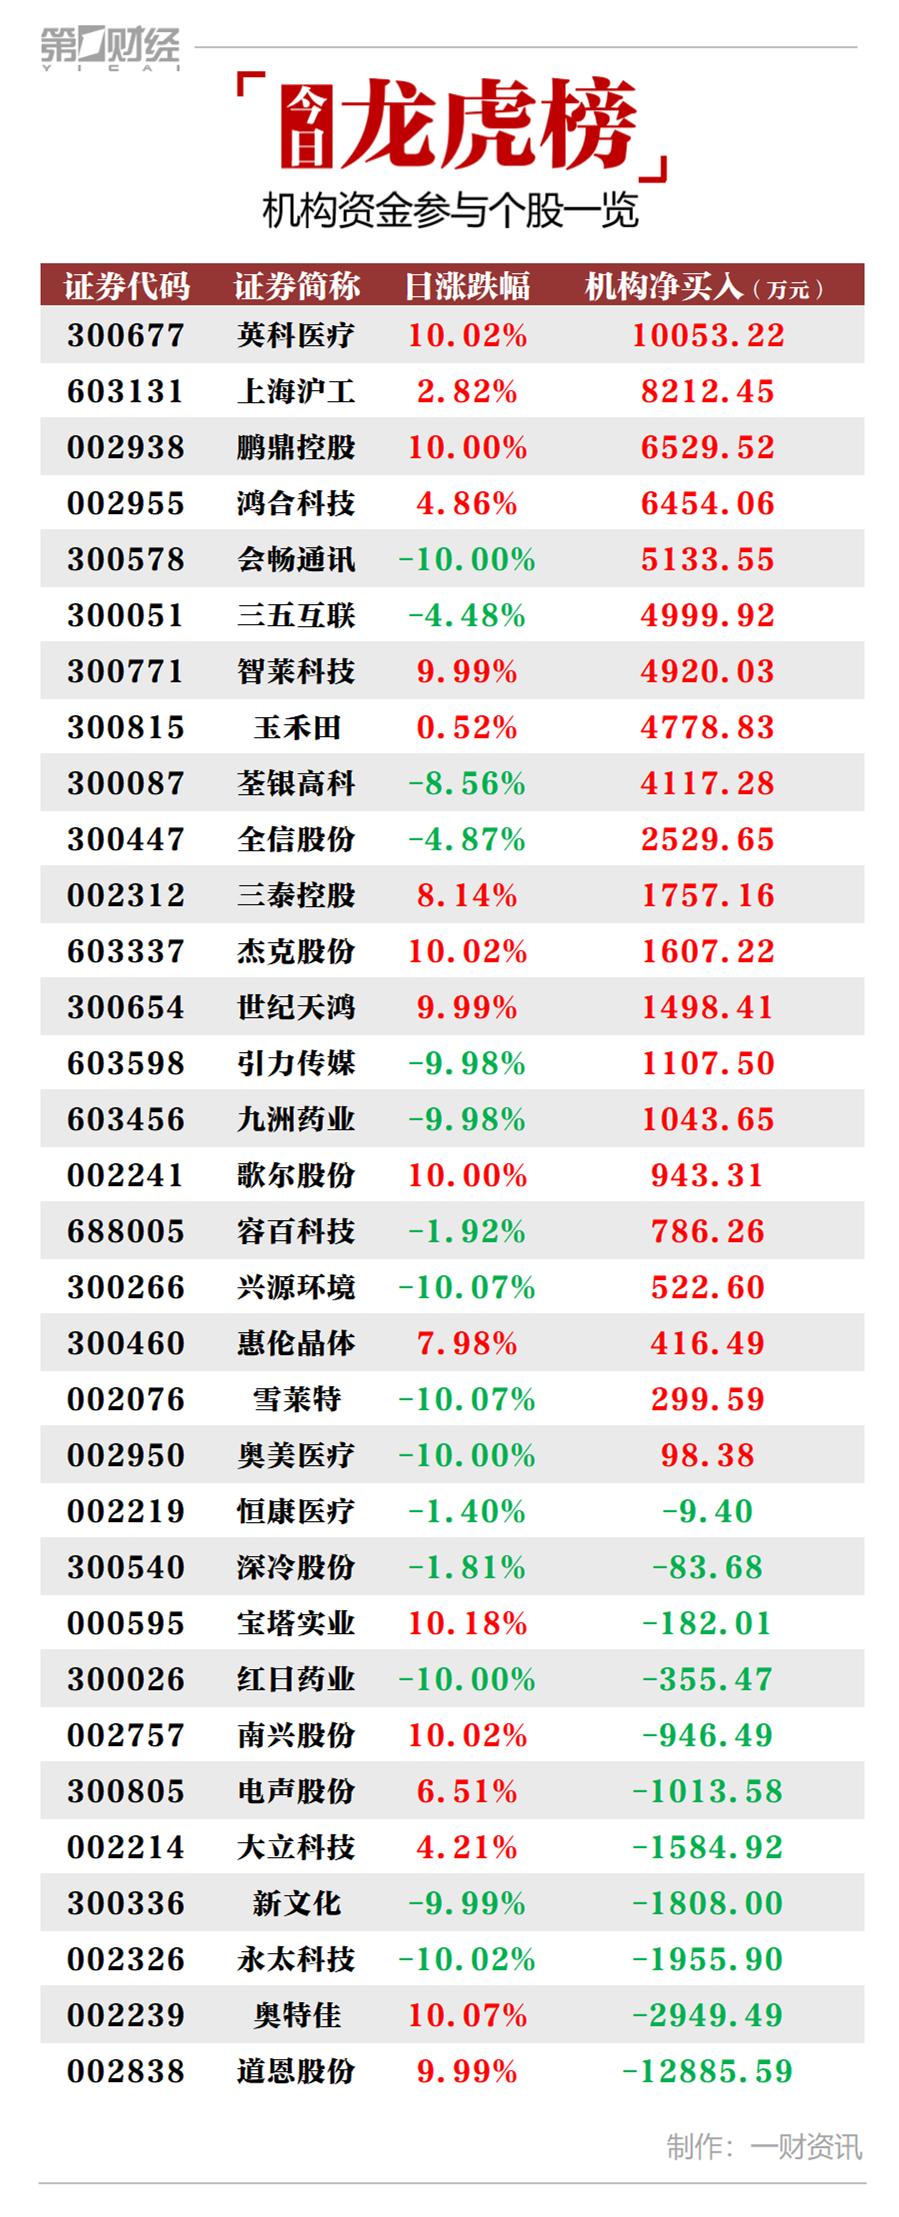 機(ji)構(gou)今日買入這21股,賣出(chu)道恩(en)股份1.29億元(yuan) 牛熊眼